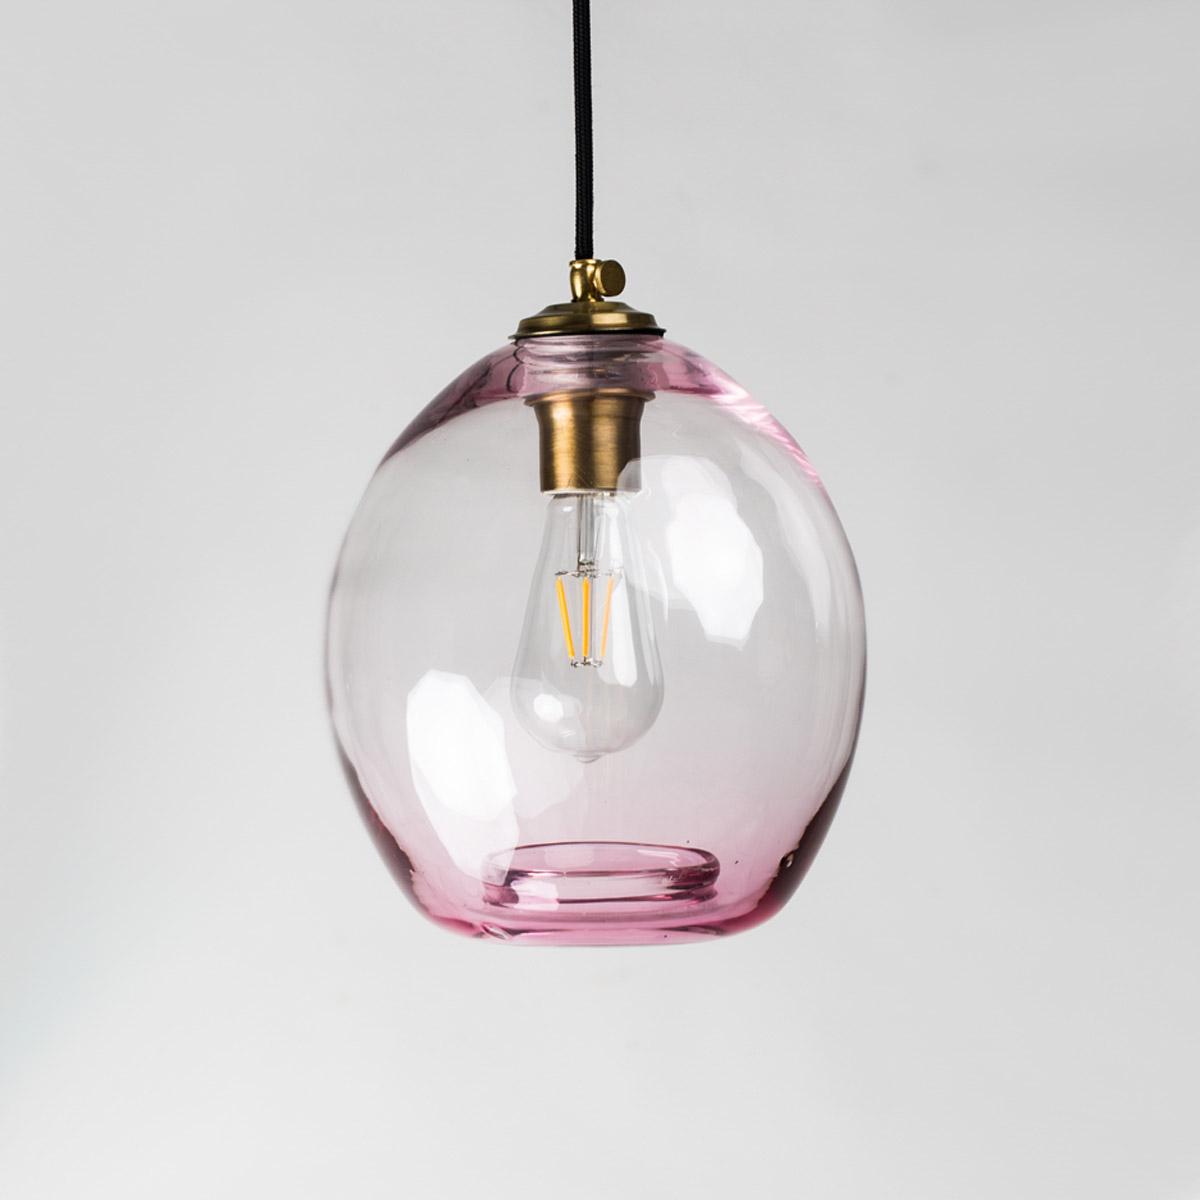 Потолочный светильник Colorglass пурпурный